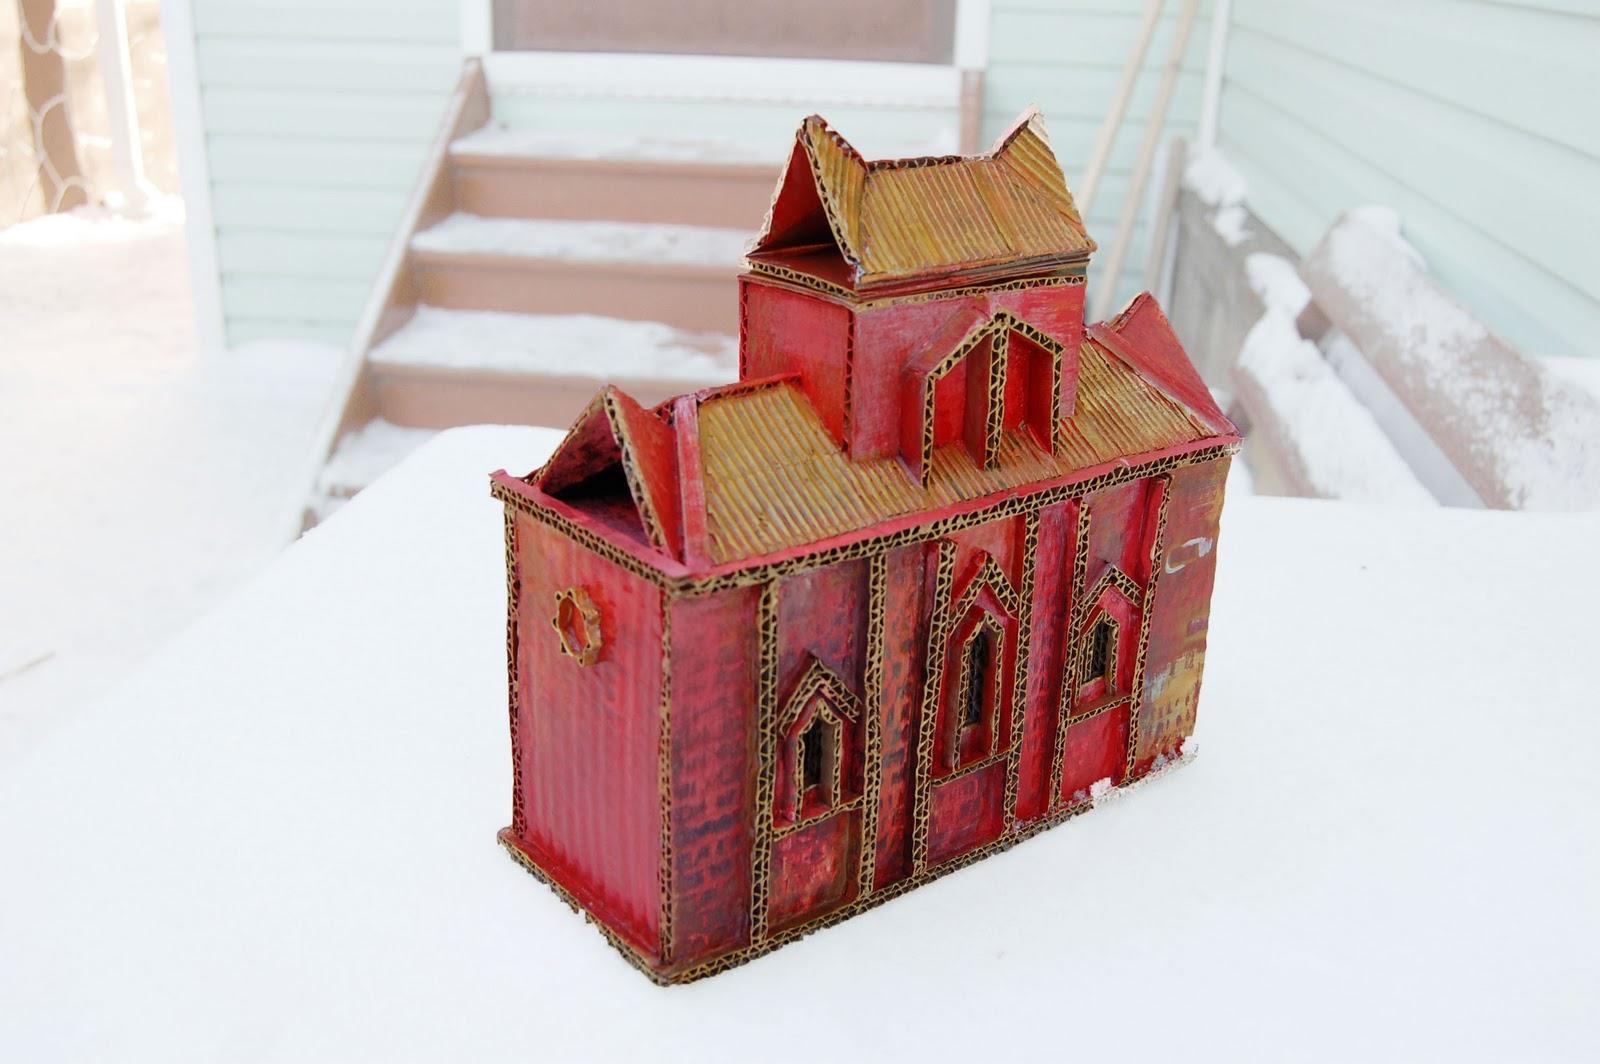 Как сделать волшебный дом из обувных коробок - wikiHow